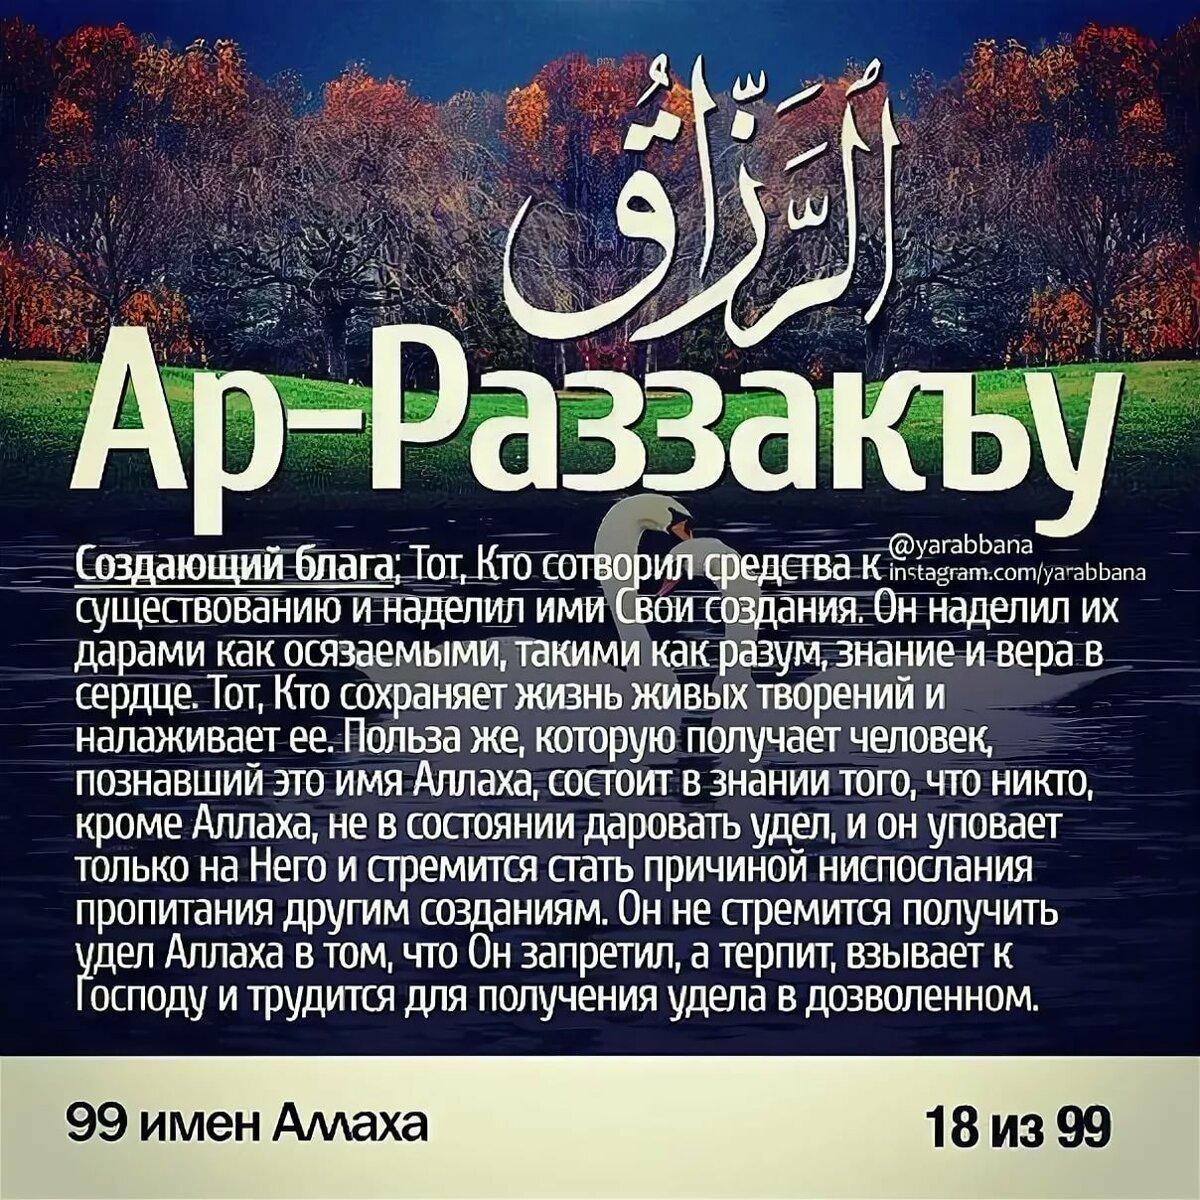 Картинка с именами аллаха